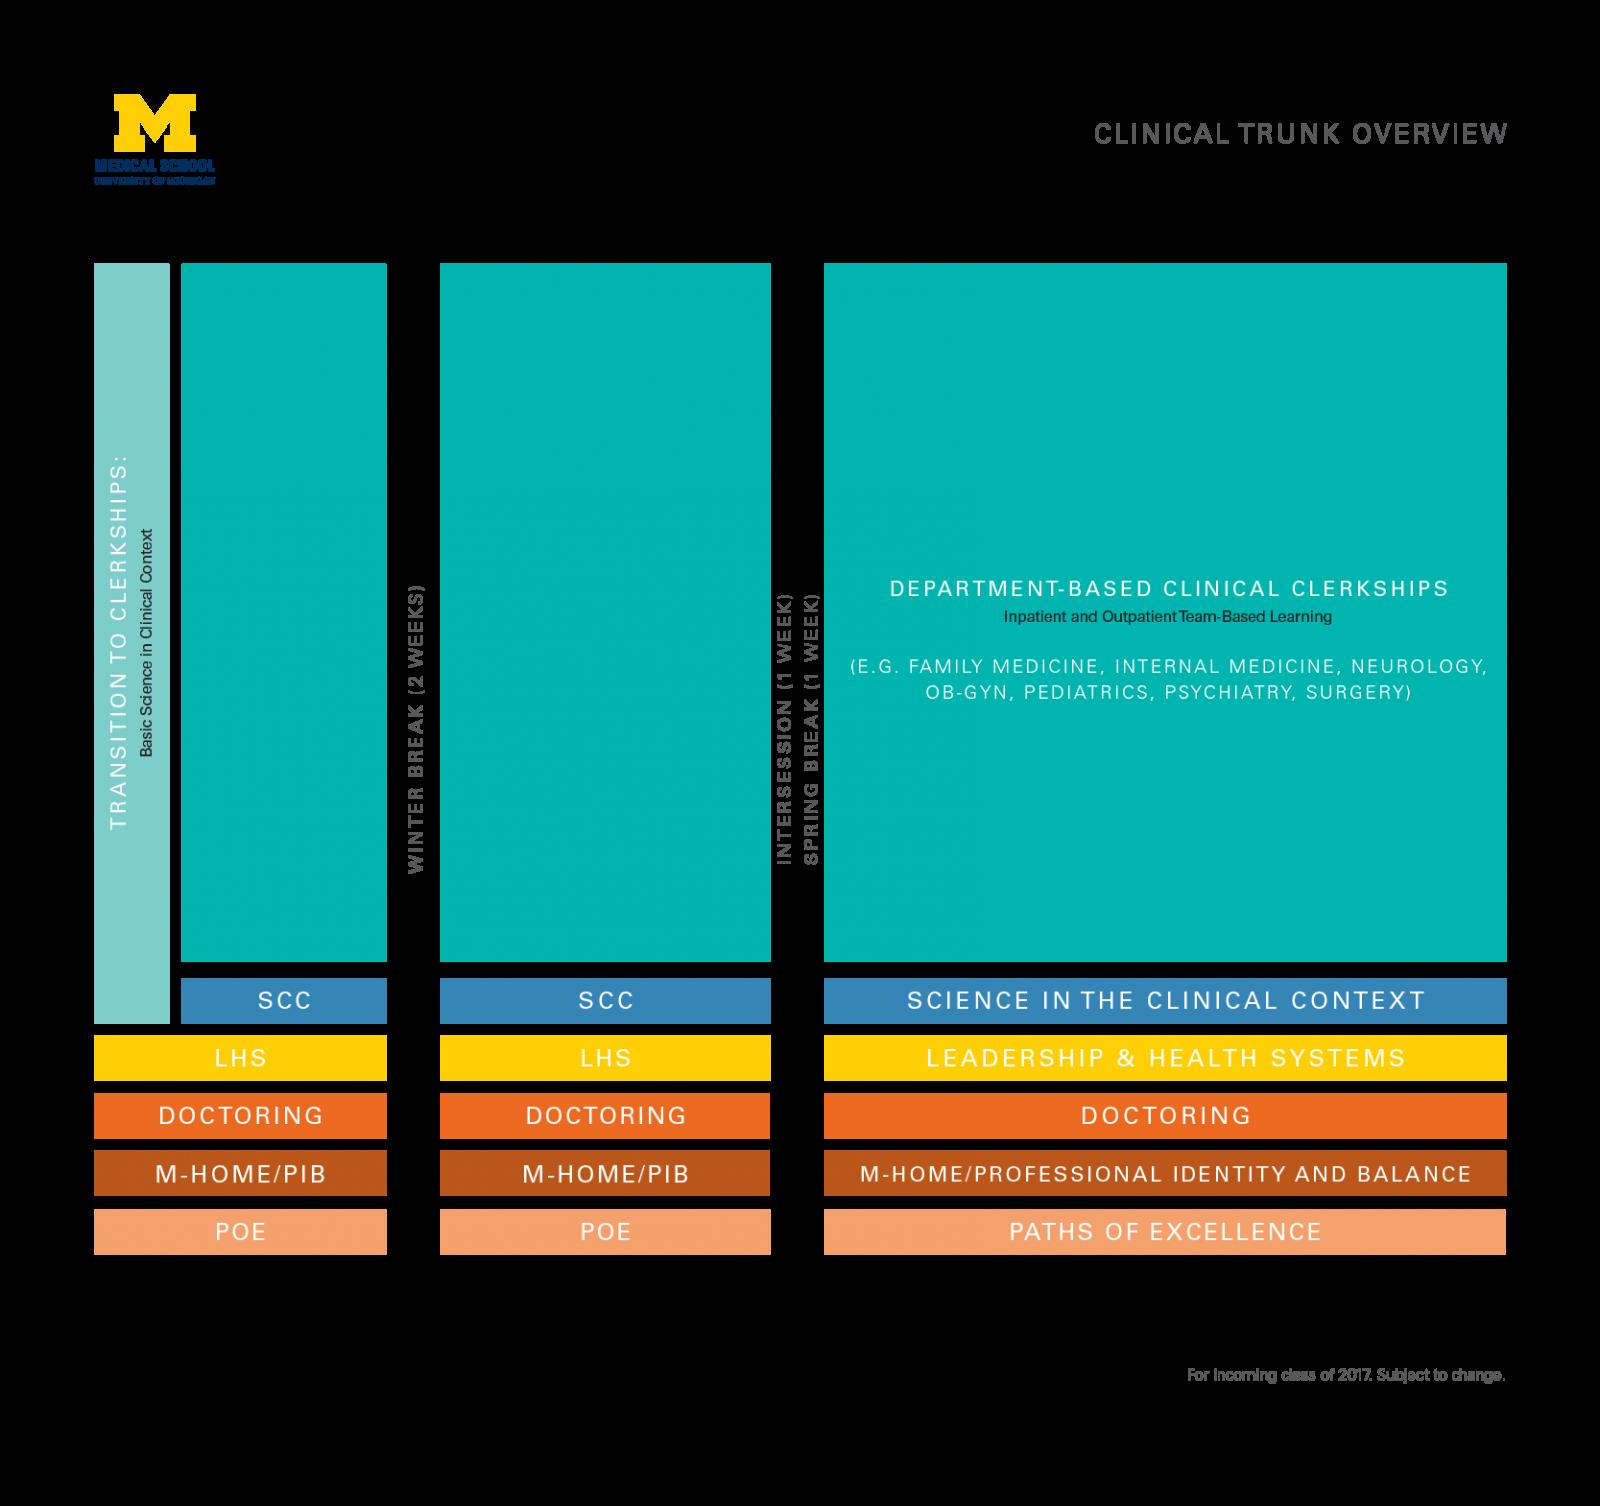 M.D. clinical trunk curricular diagram